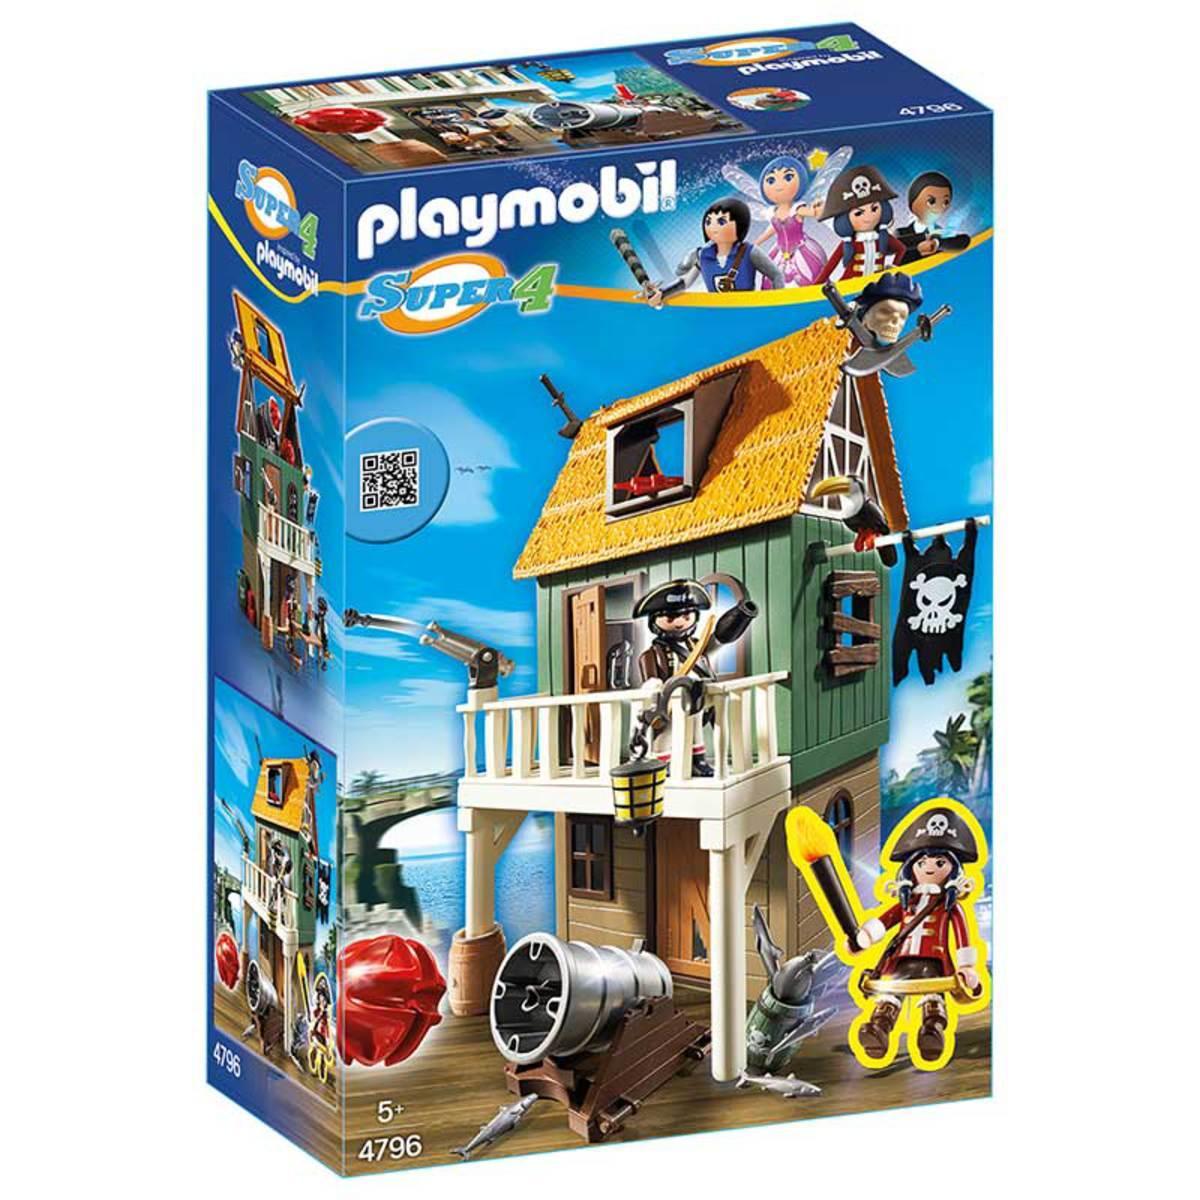 [Premium] Playmobil A1505508 - Fort Des Pirates Et Ruby - Super4